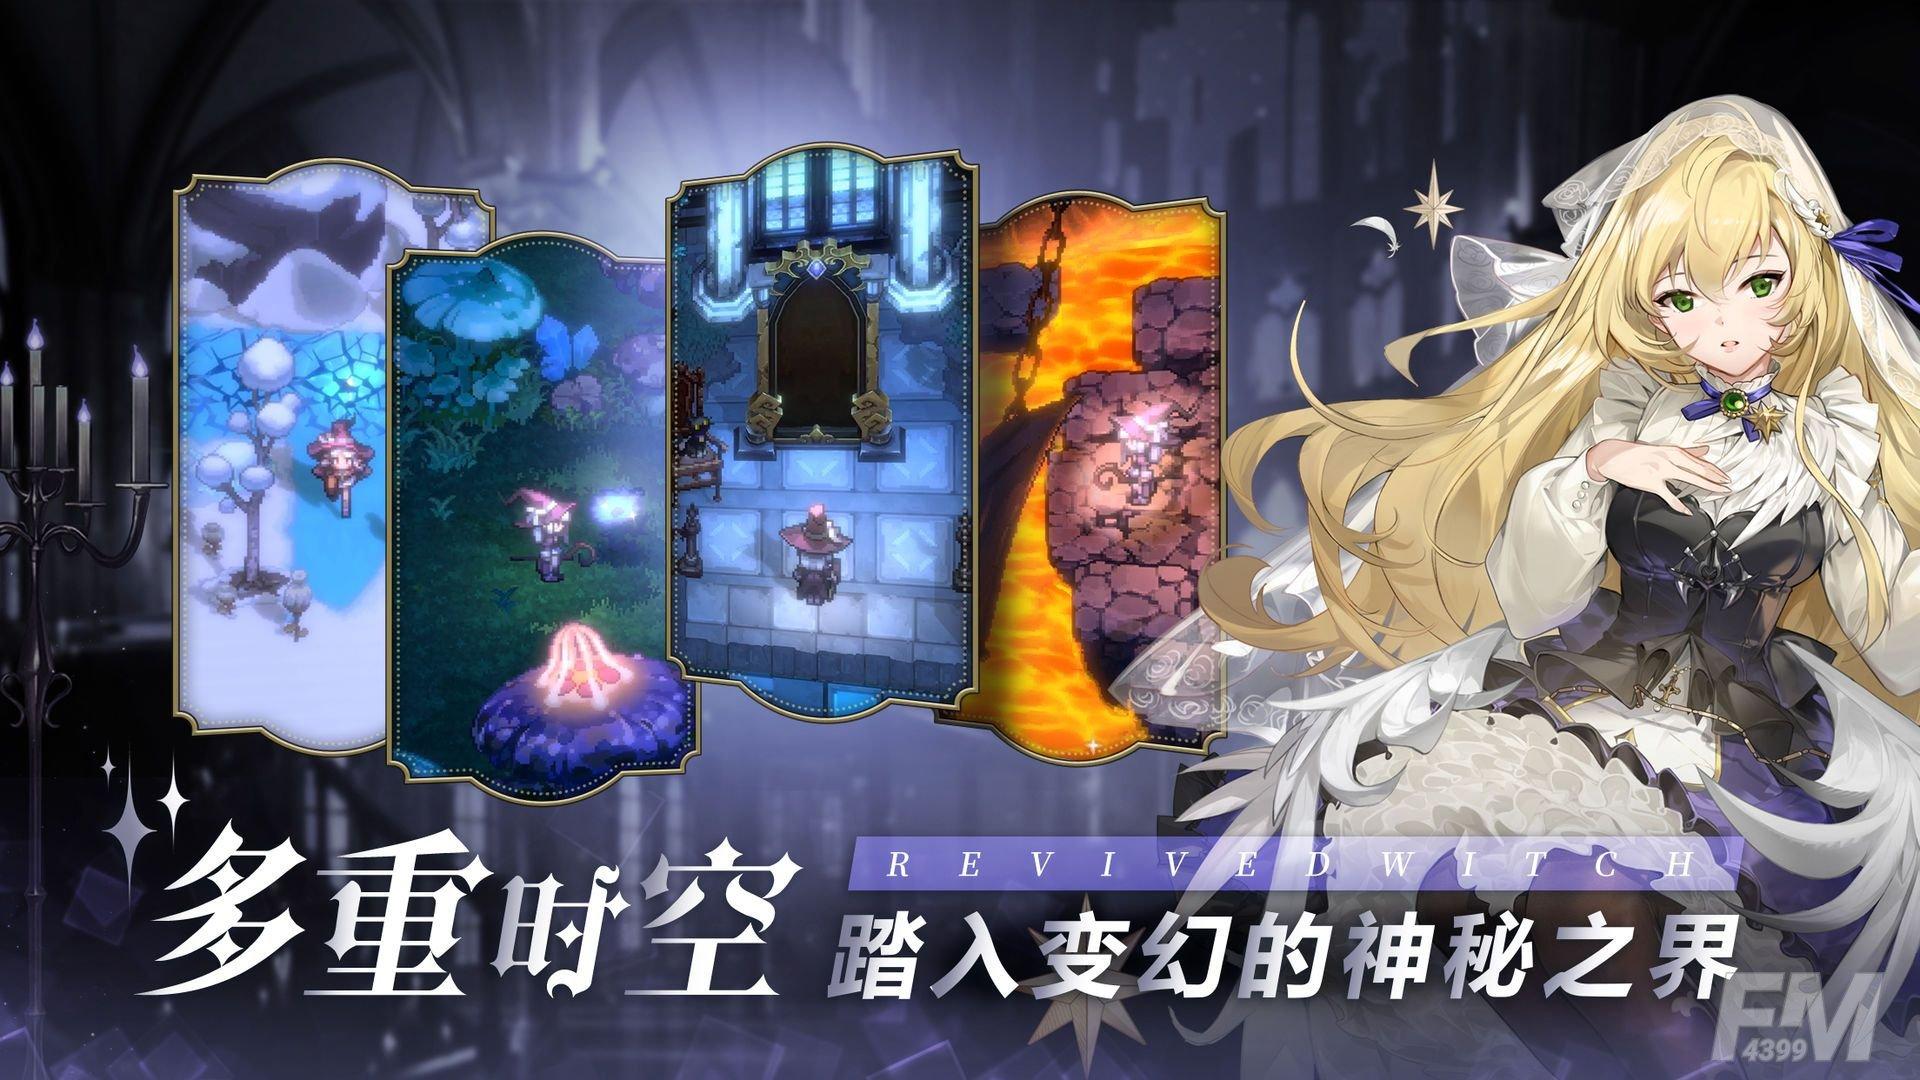 复苏的魔女第二章攻略大全:第2章boss打法以及宝箱位置一览[多图]图片3